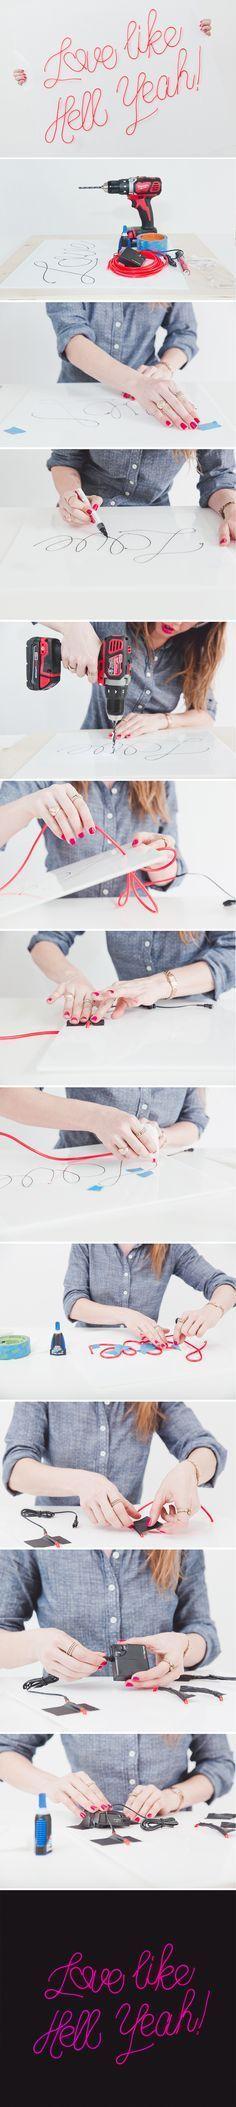 diy neon sign el wire tutorial steps